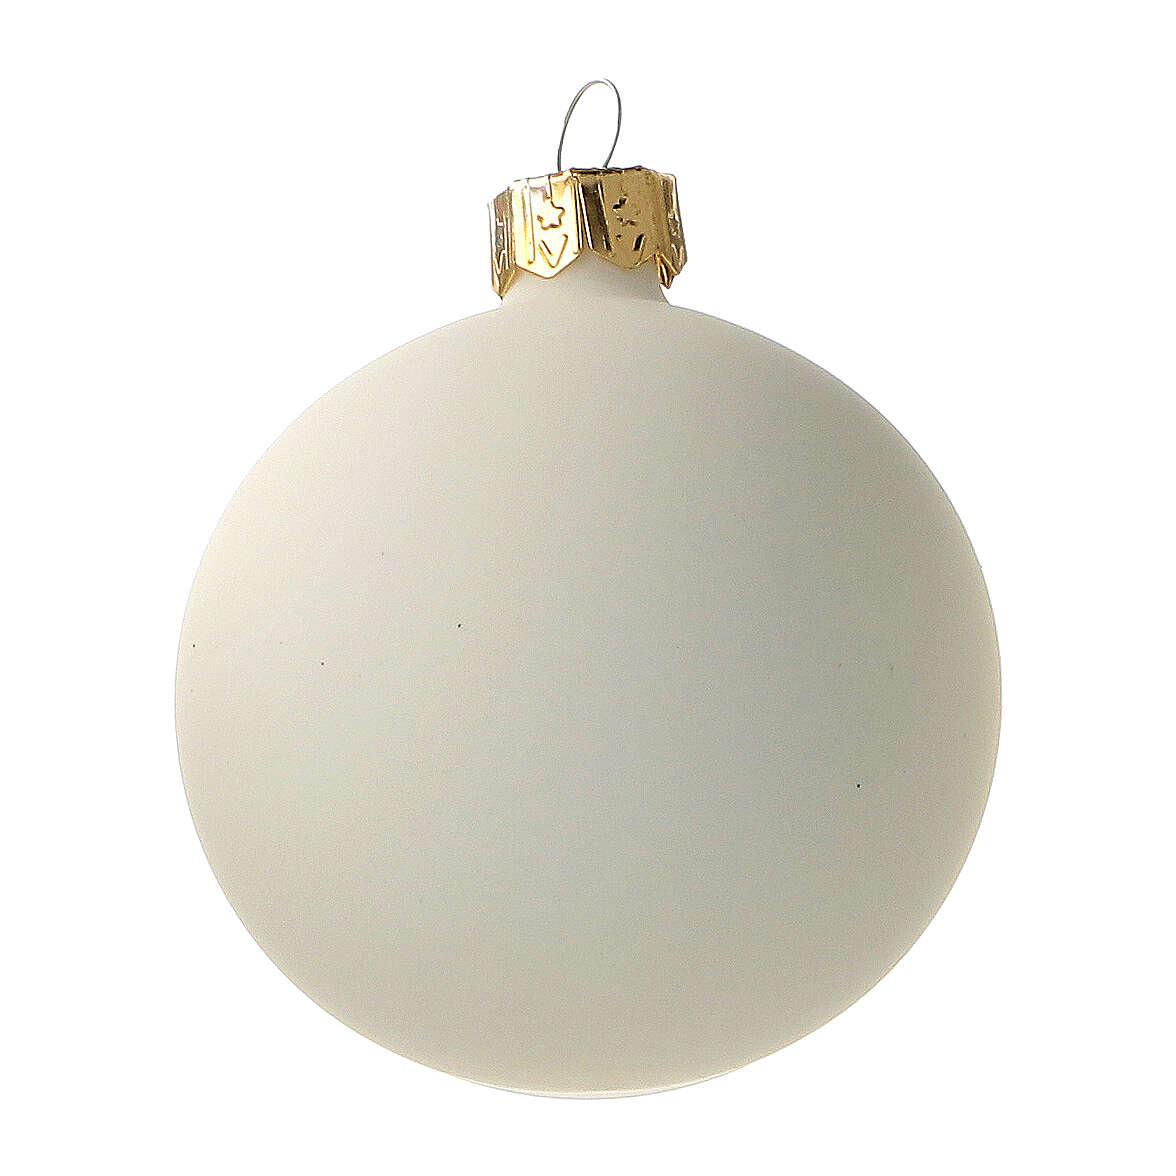 Bolas árvore de Natal vidro soprado cor creme 60 mm 6 unidades 4